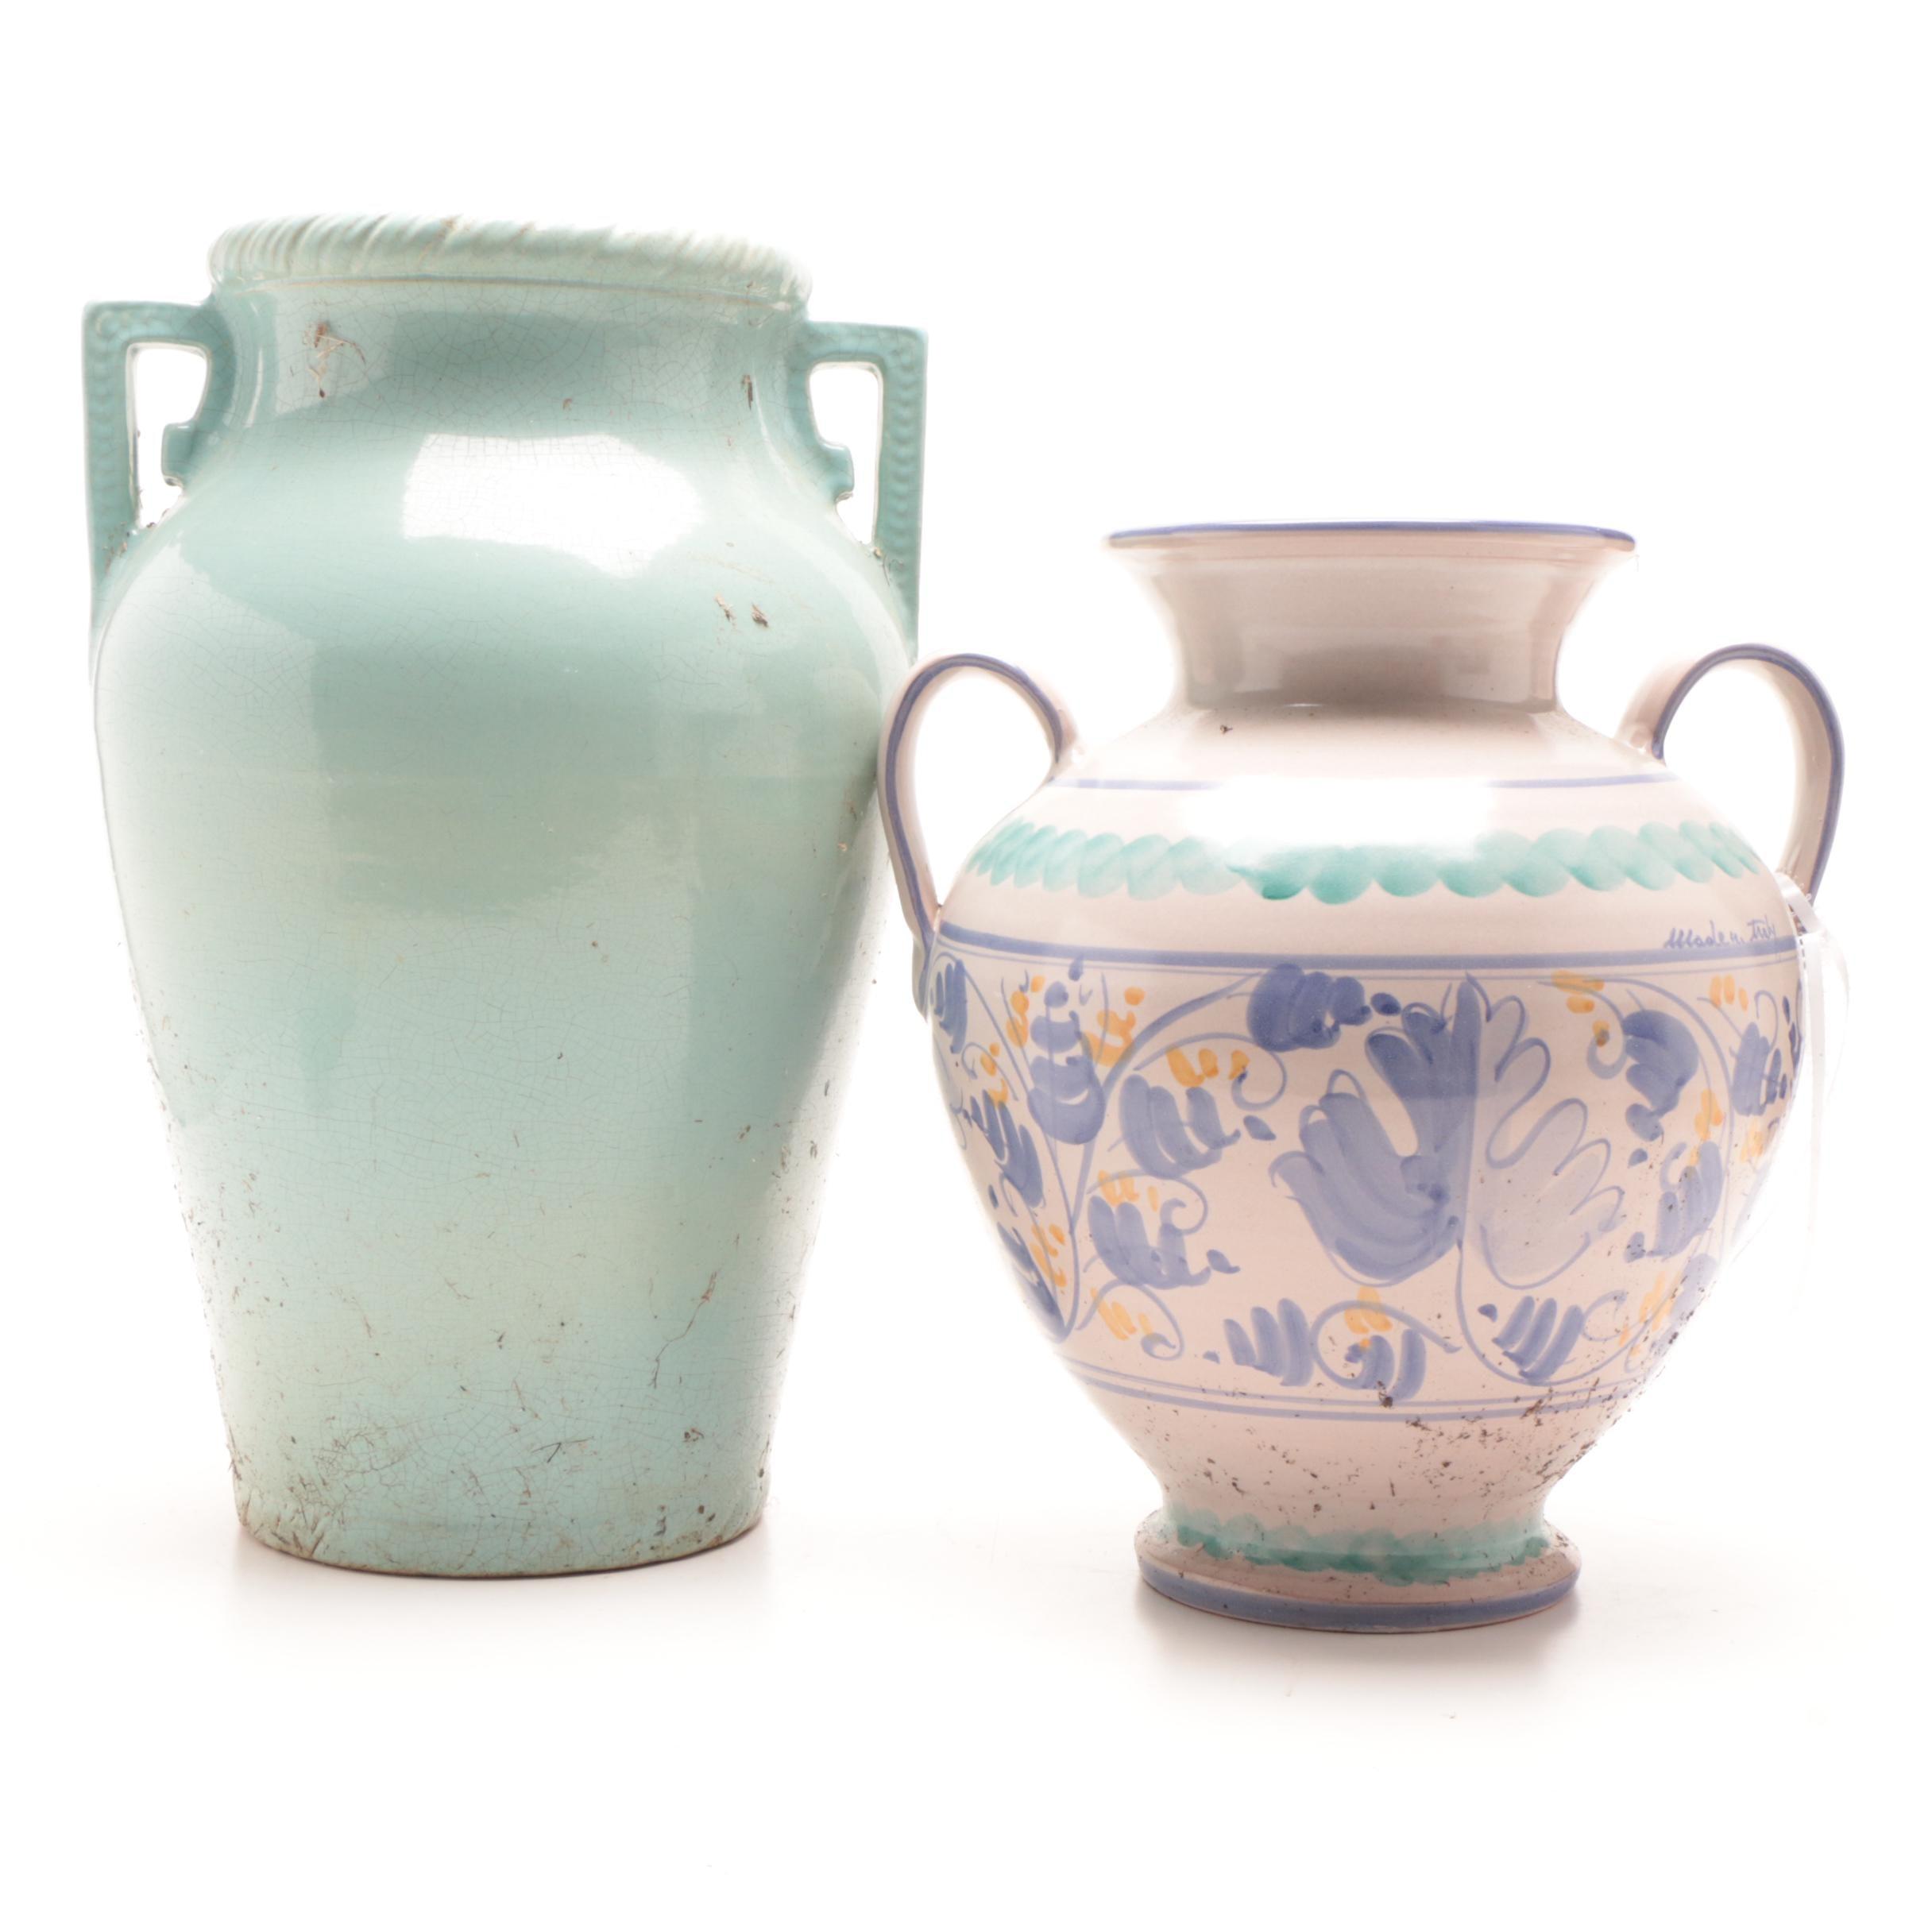 Vintage Handled Ceramic Urns